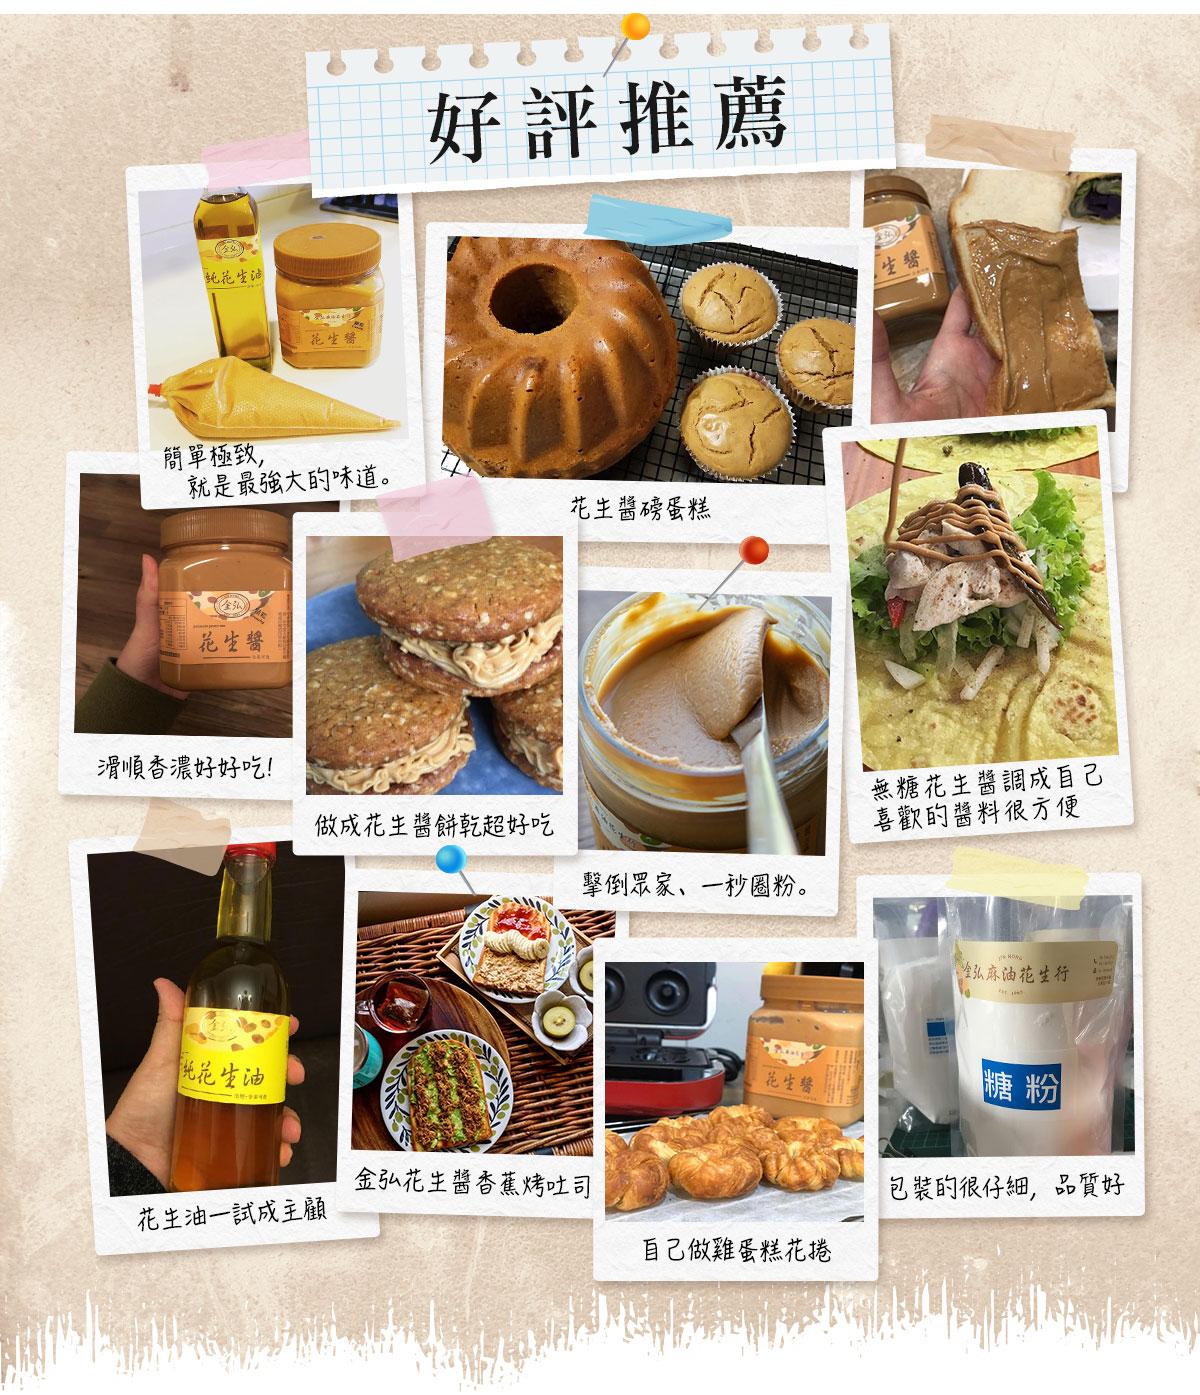 金弘花生醬、花生油、糖粉好評推薦